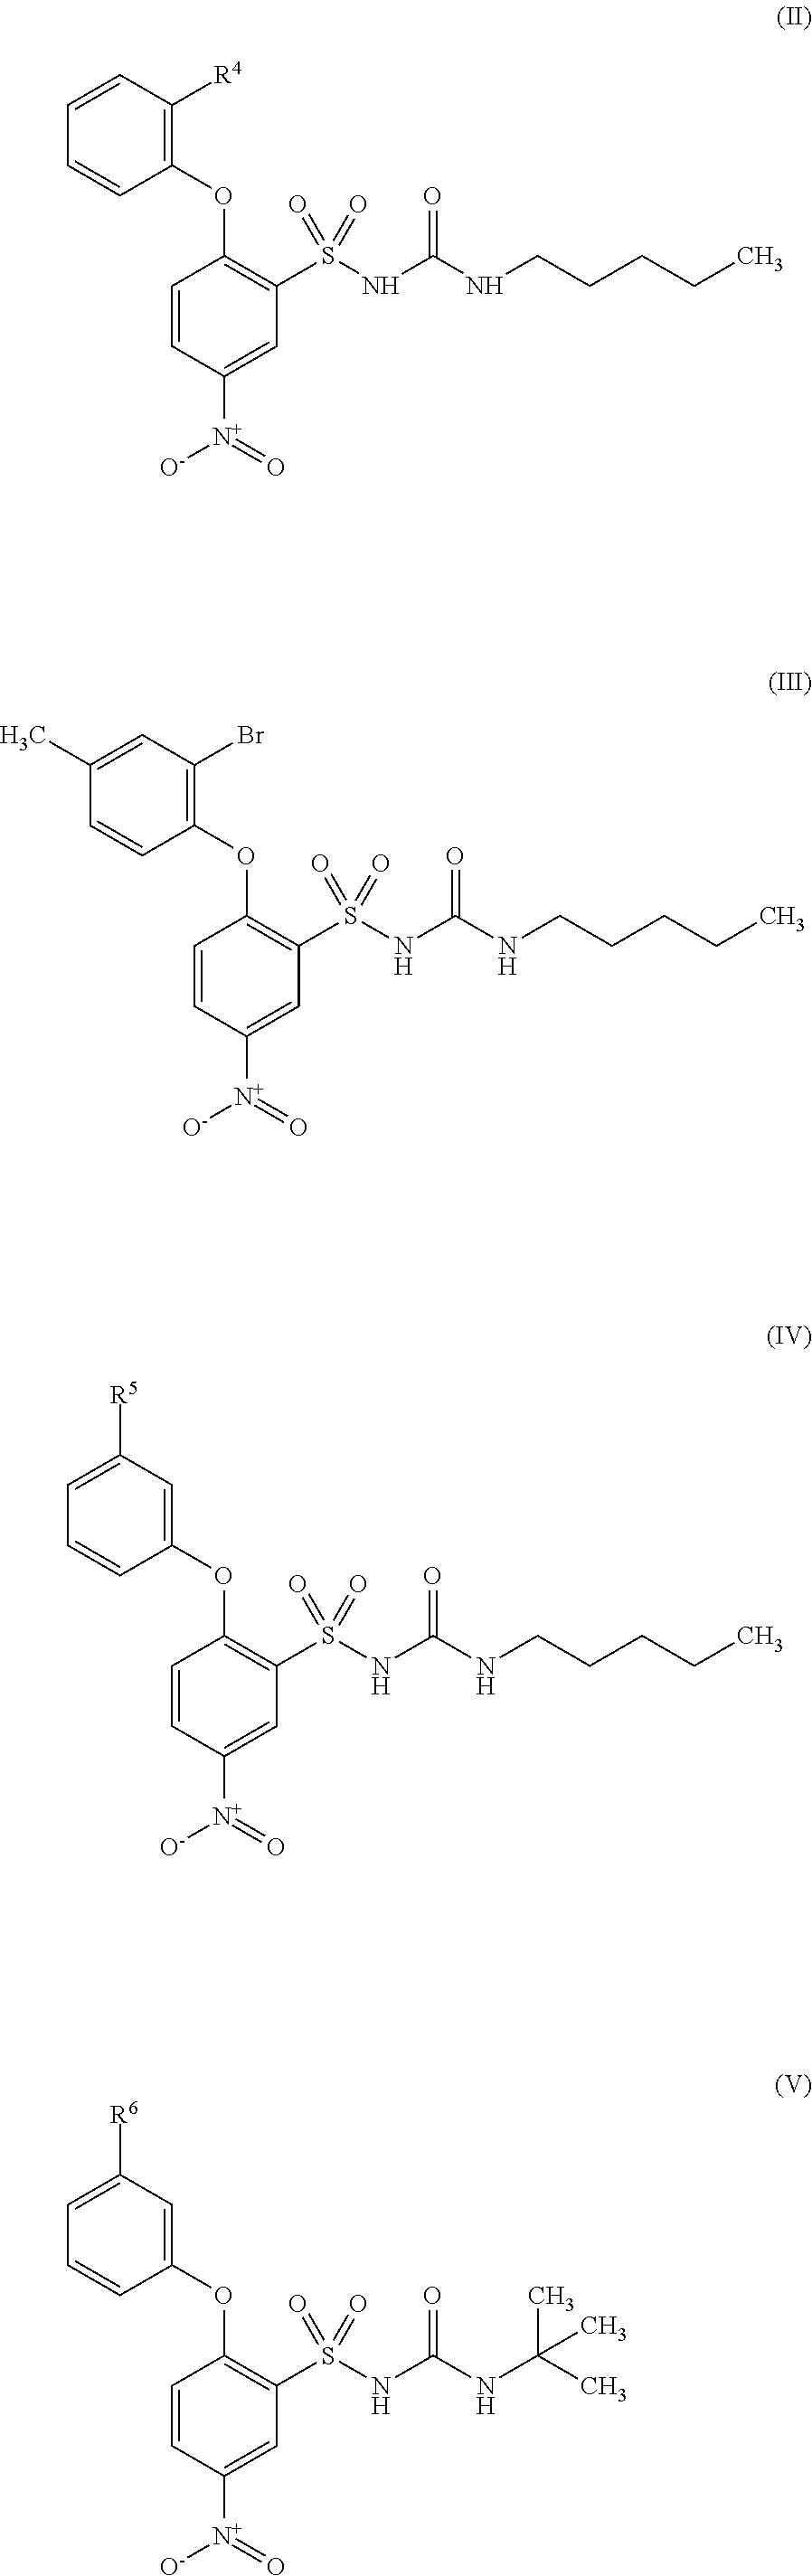 Figure US09718781-20170801-C00004